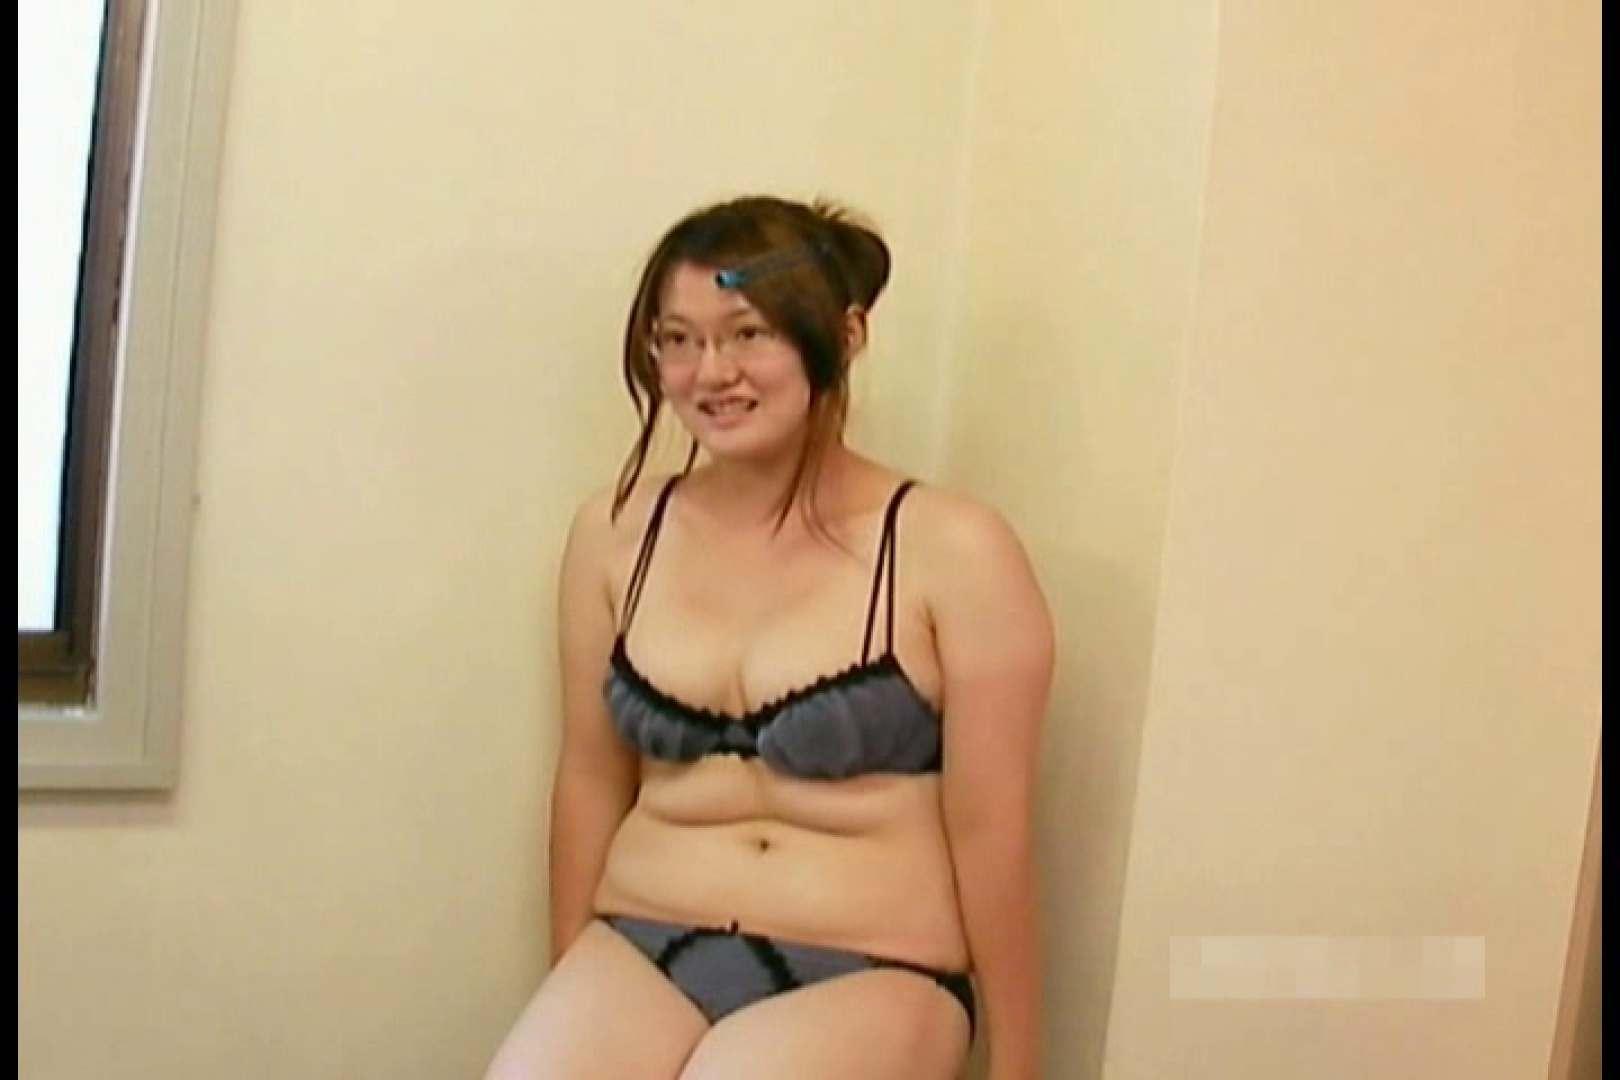 素人撮影 下着だけの撮影のはずが・・・えりか18歳 巨乳 | 乳首  104PIX 13